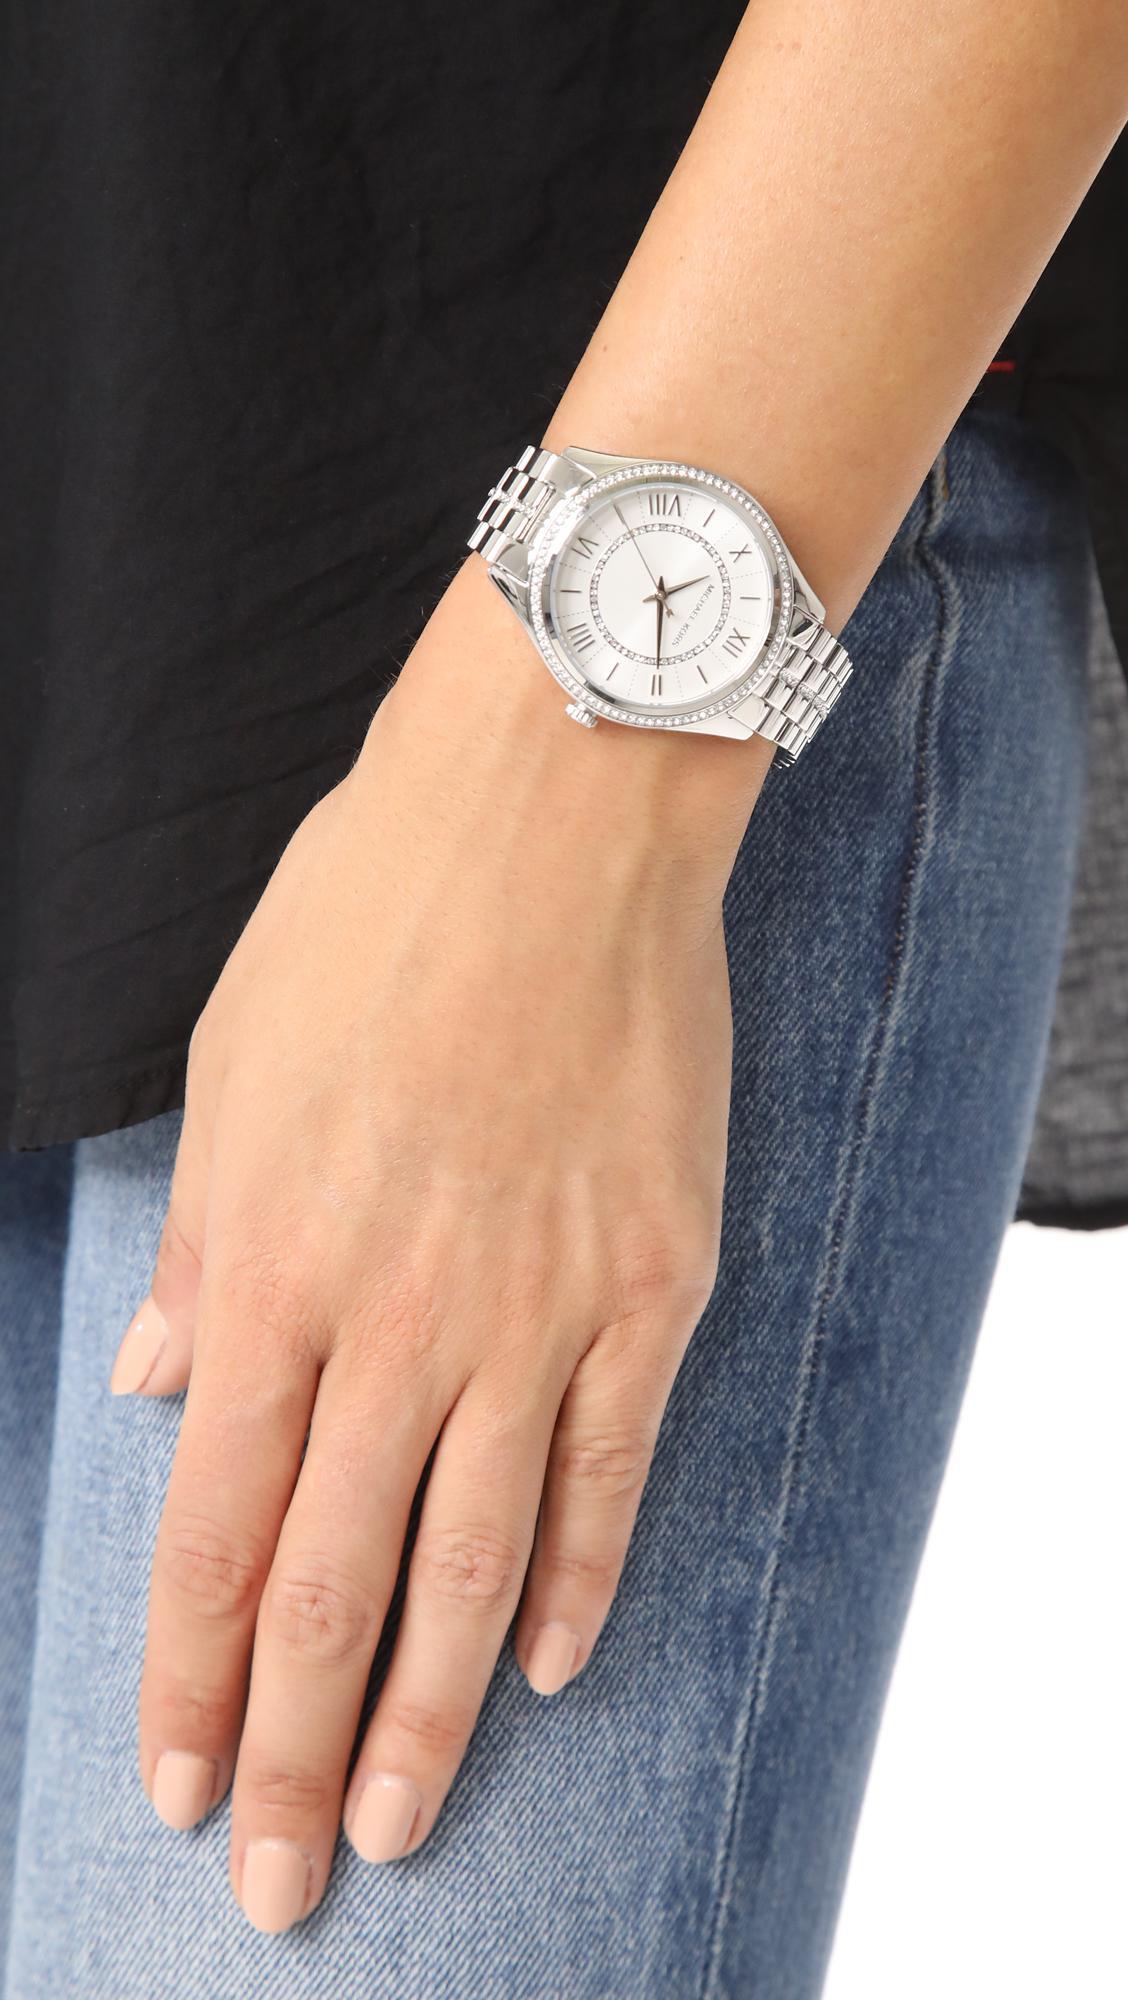 c292e3a89982 Lyst - Michael Kors Lauryn Watch in Metallic